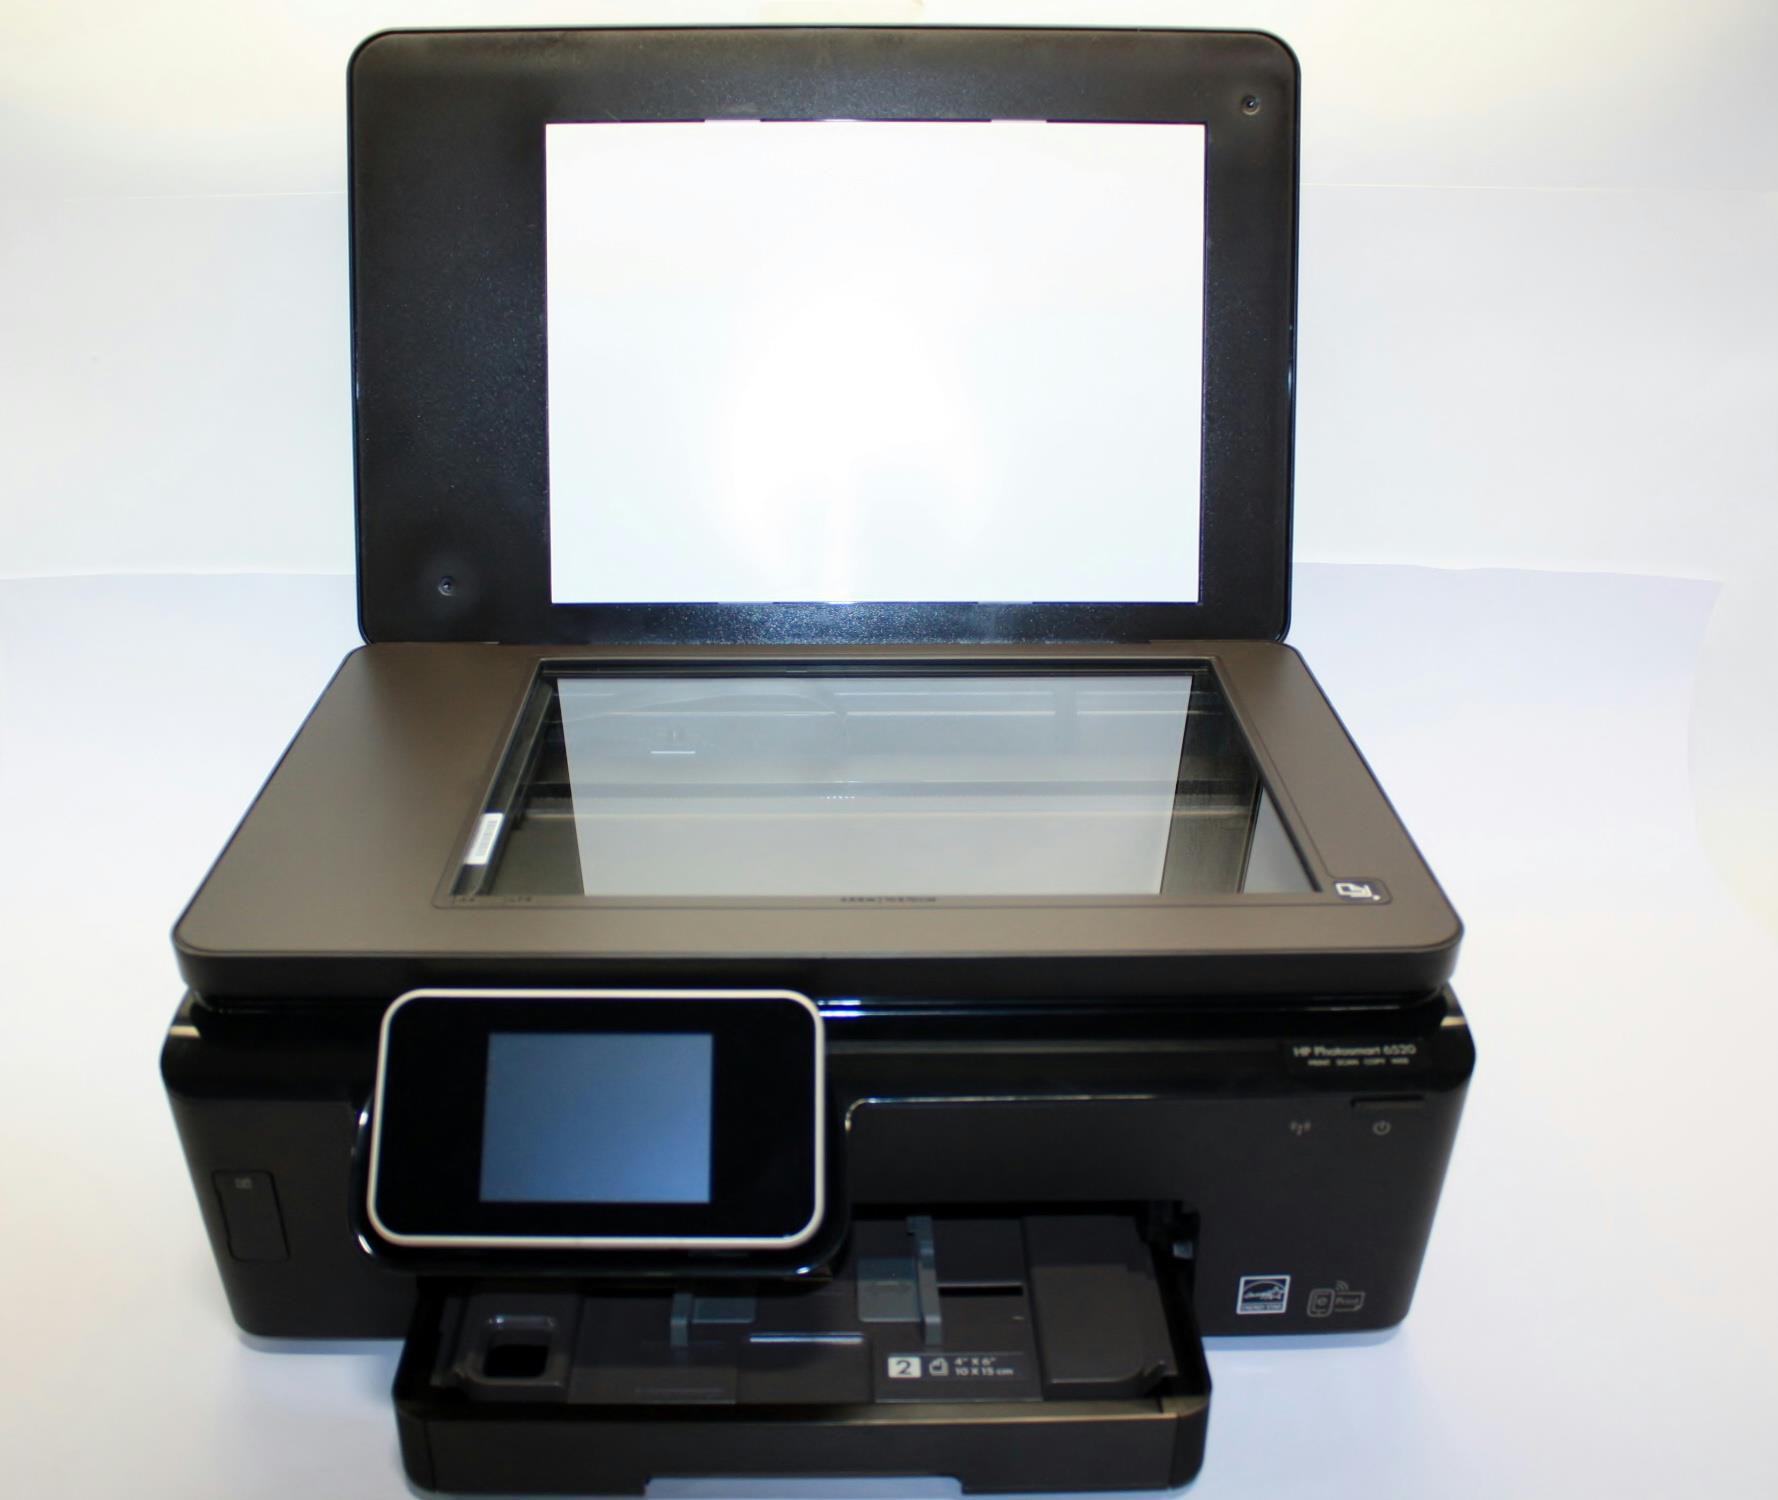 hp 6520 printer user manual